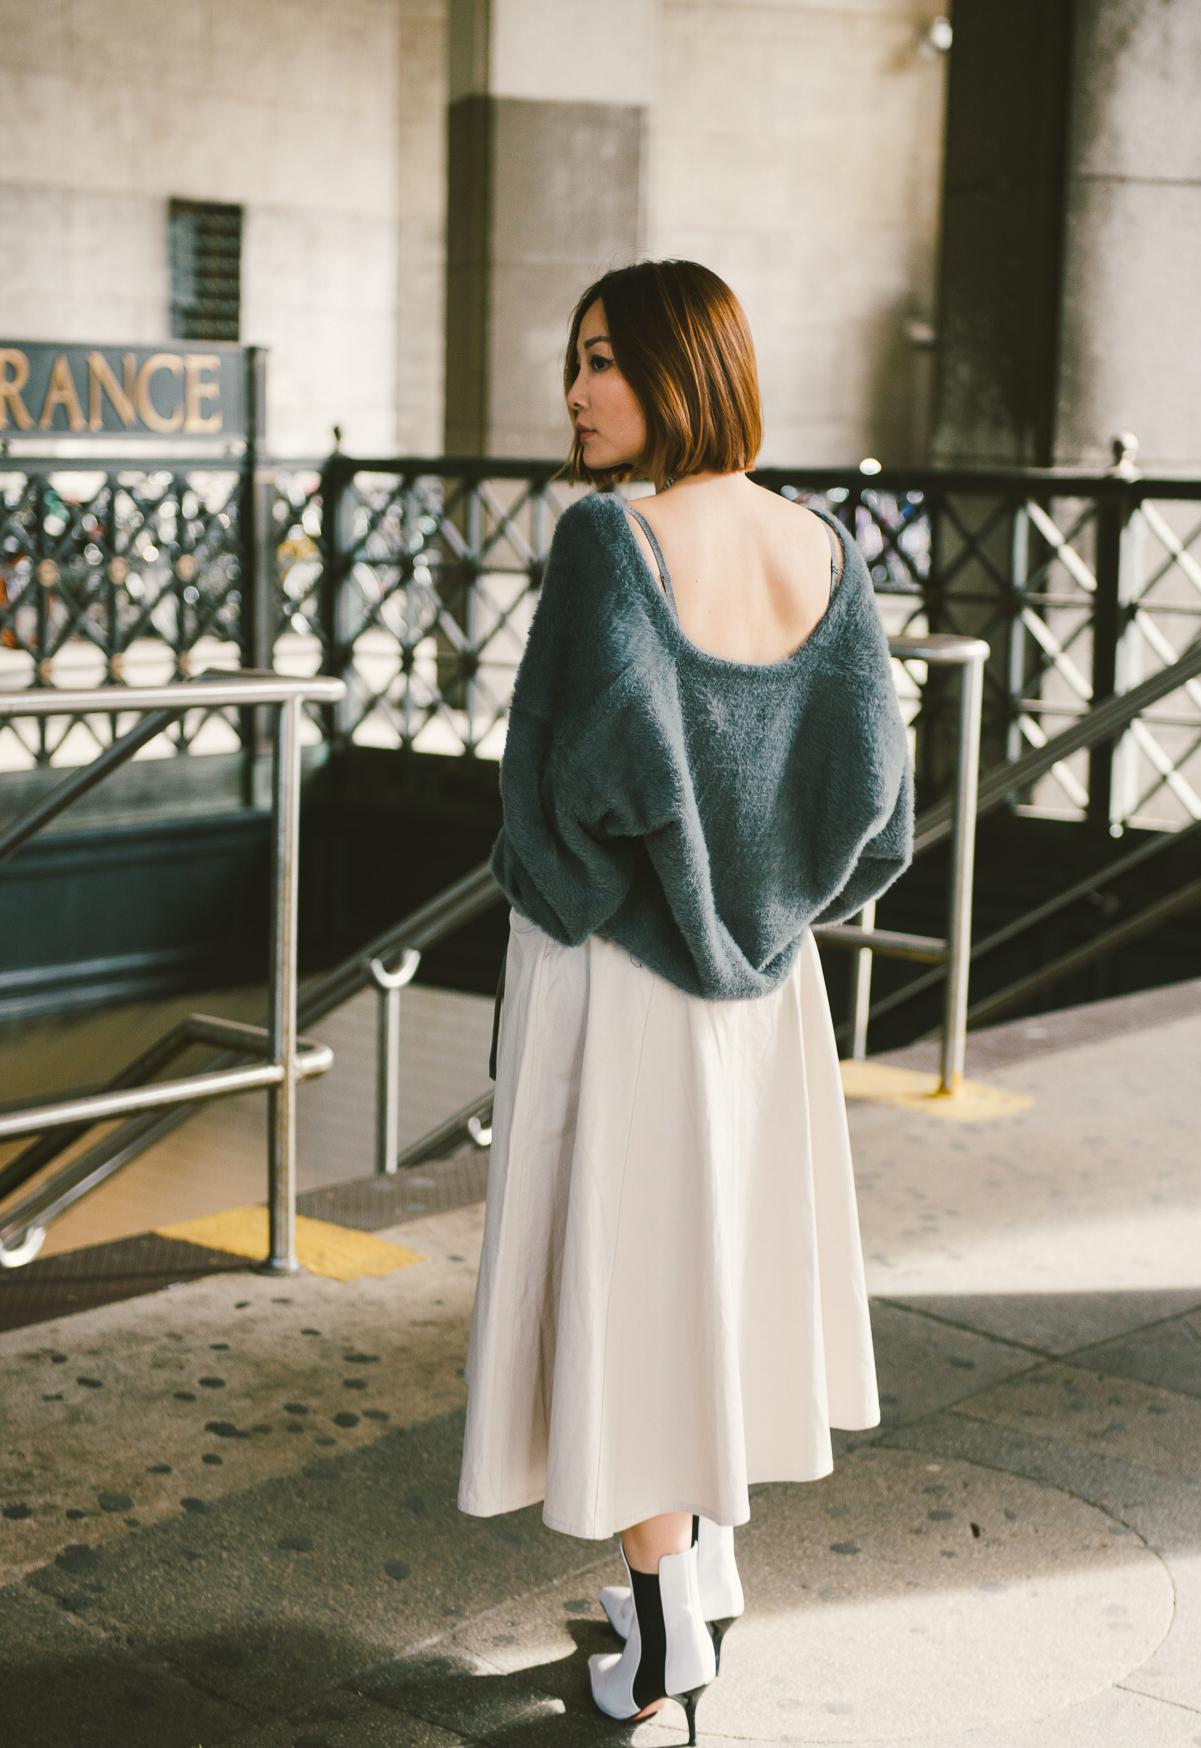 marrisa webb midid skirt ifchic tcurate 10.JPG